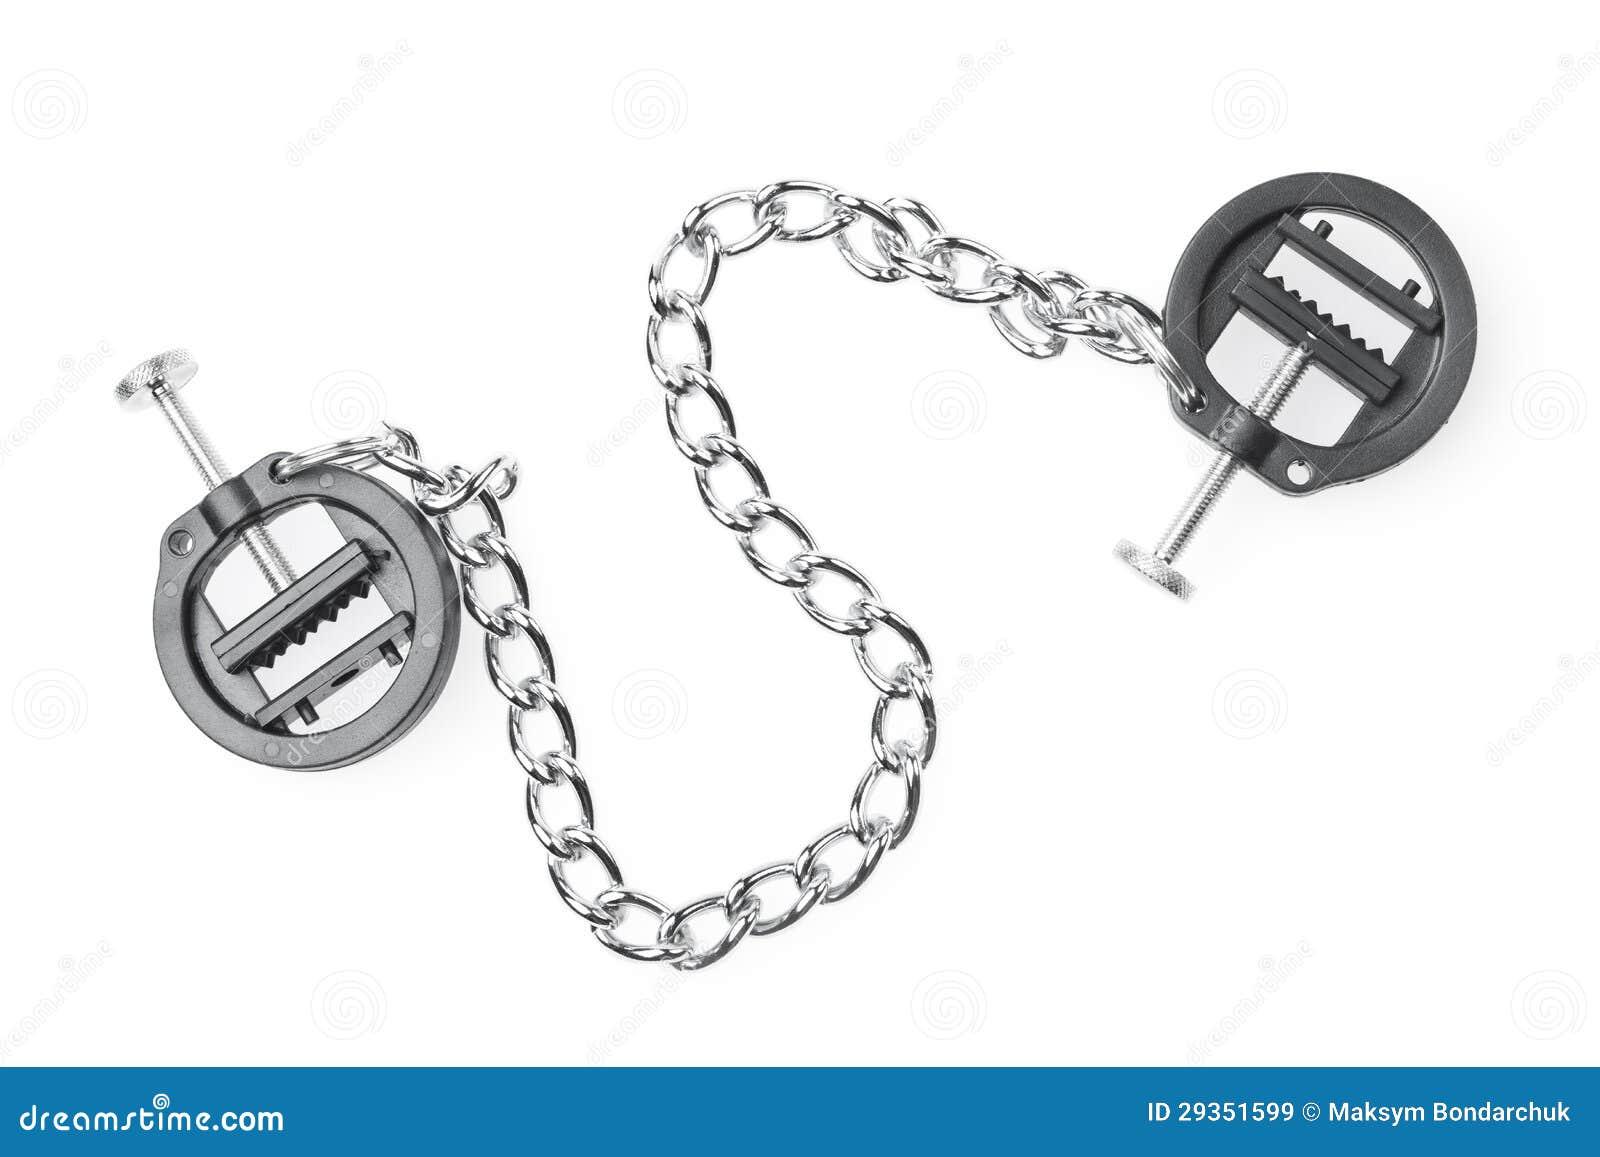 De zwarte klemmen van het amuletuitsteeksel met ketting die op wit wordt geïsoleerd